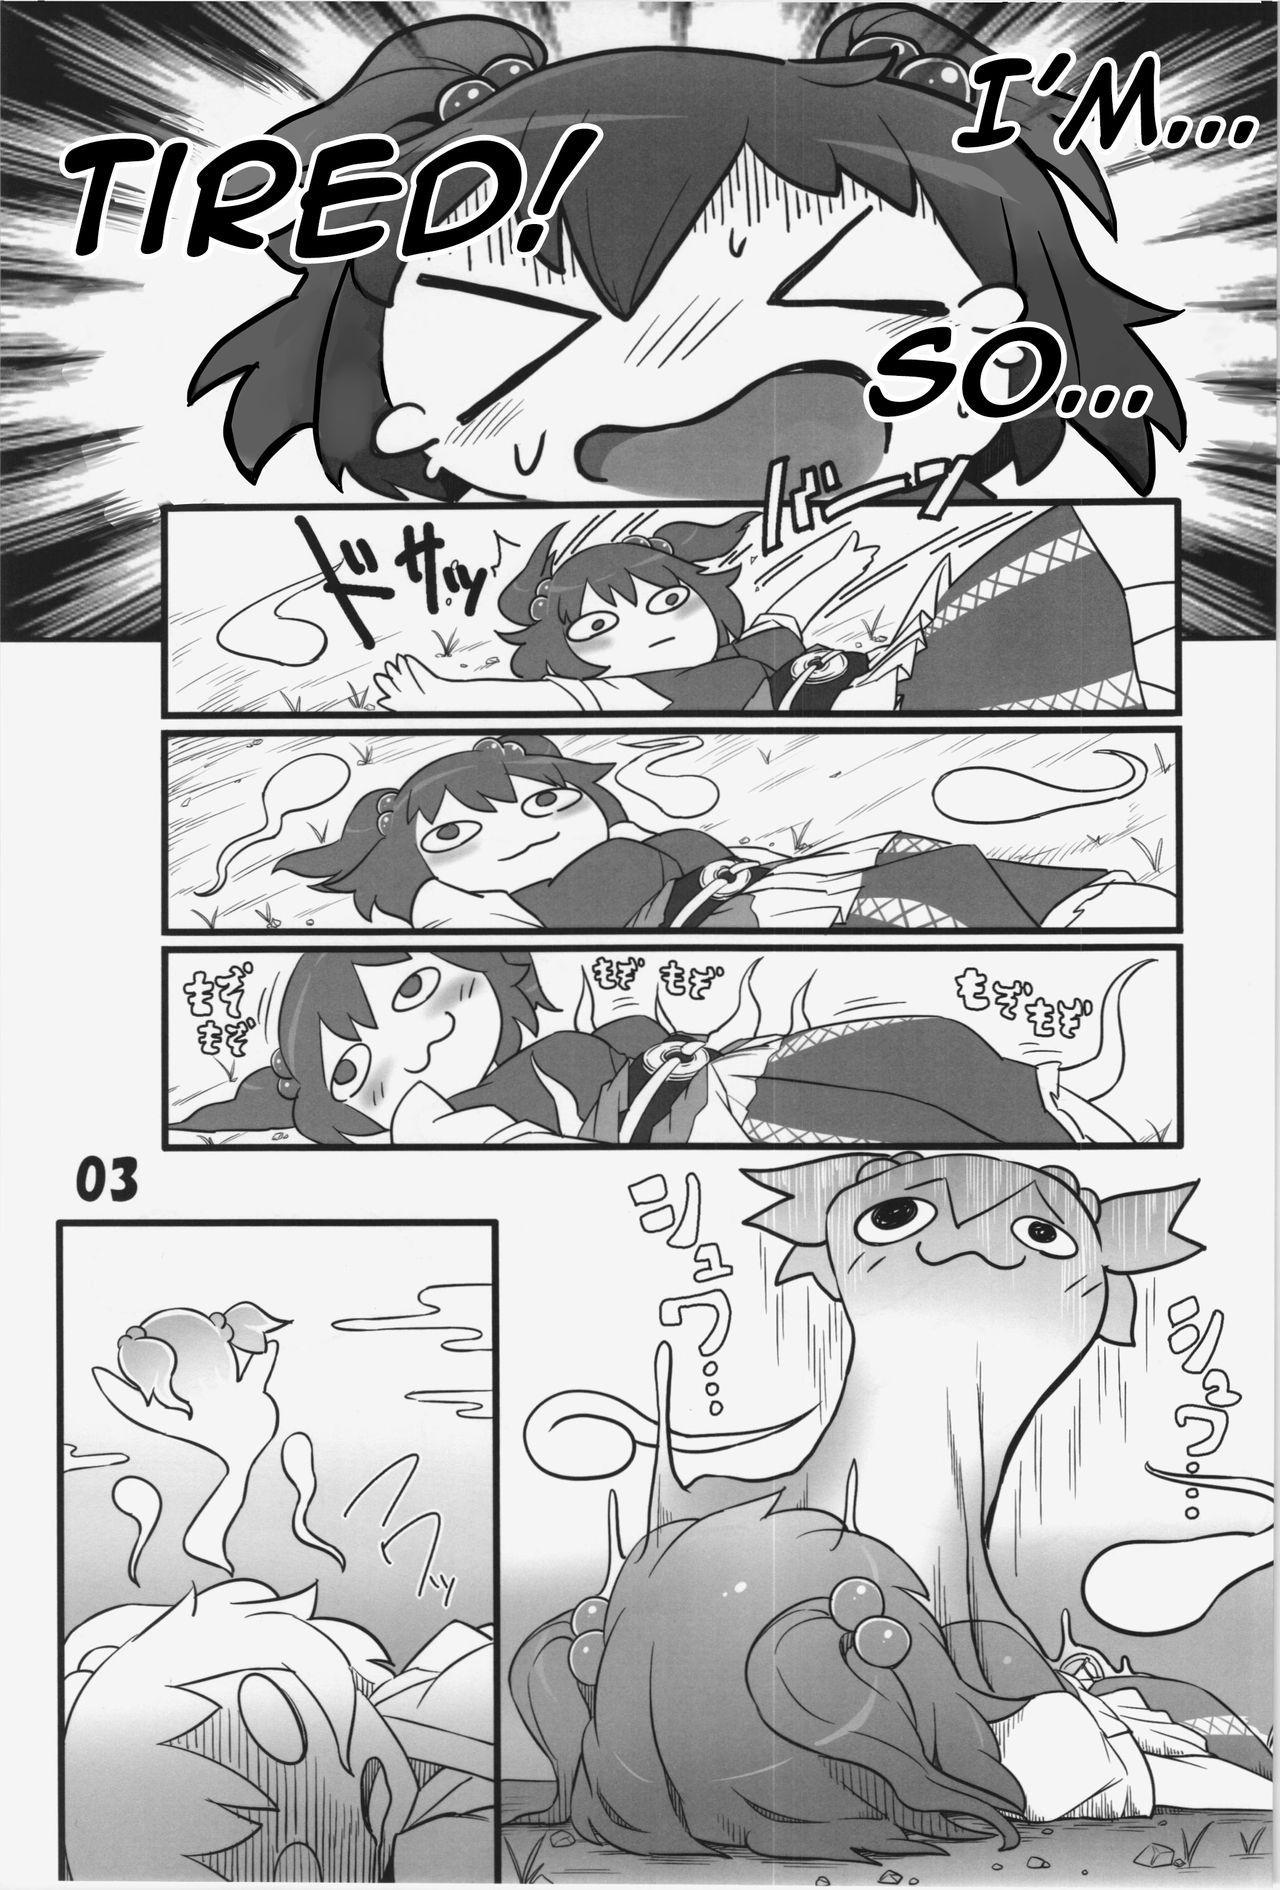 (C86) [Yashiya (YASSY)] Hataraki Sugite Kowareta Komachi ga Eiki-sama ni Gyakushuu suru Hon   A book in which Komachi, broken from overwork, retaliates against Eiki-sama. (Touhou Project) [English] [princessCuck] 2